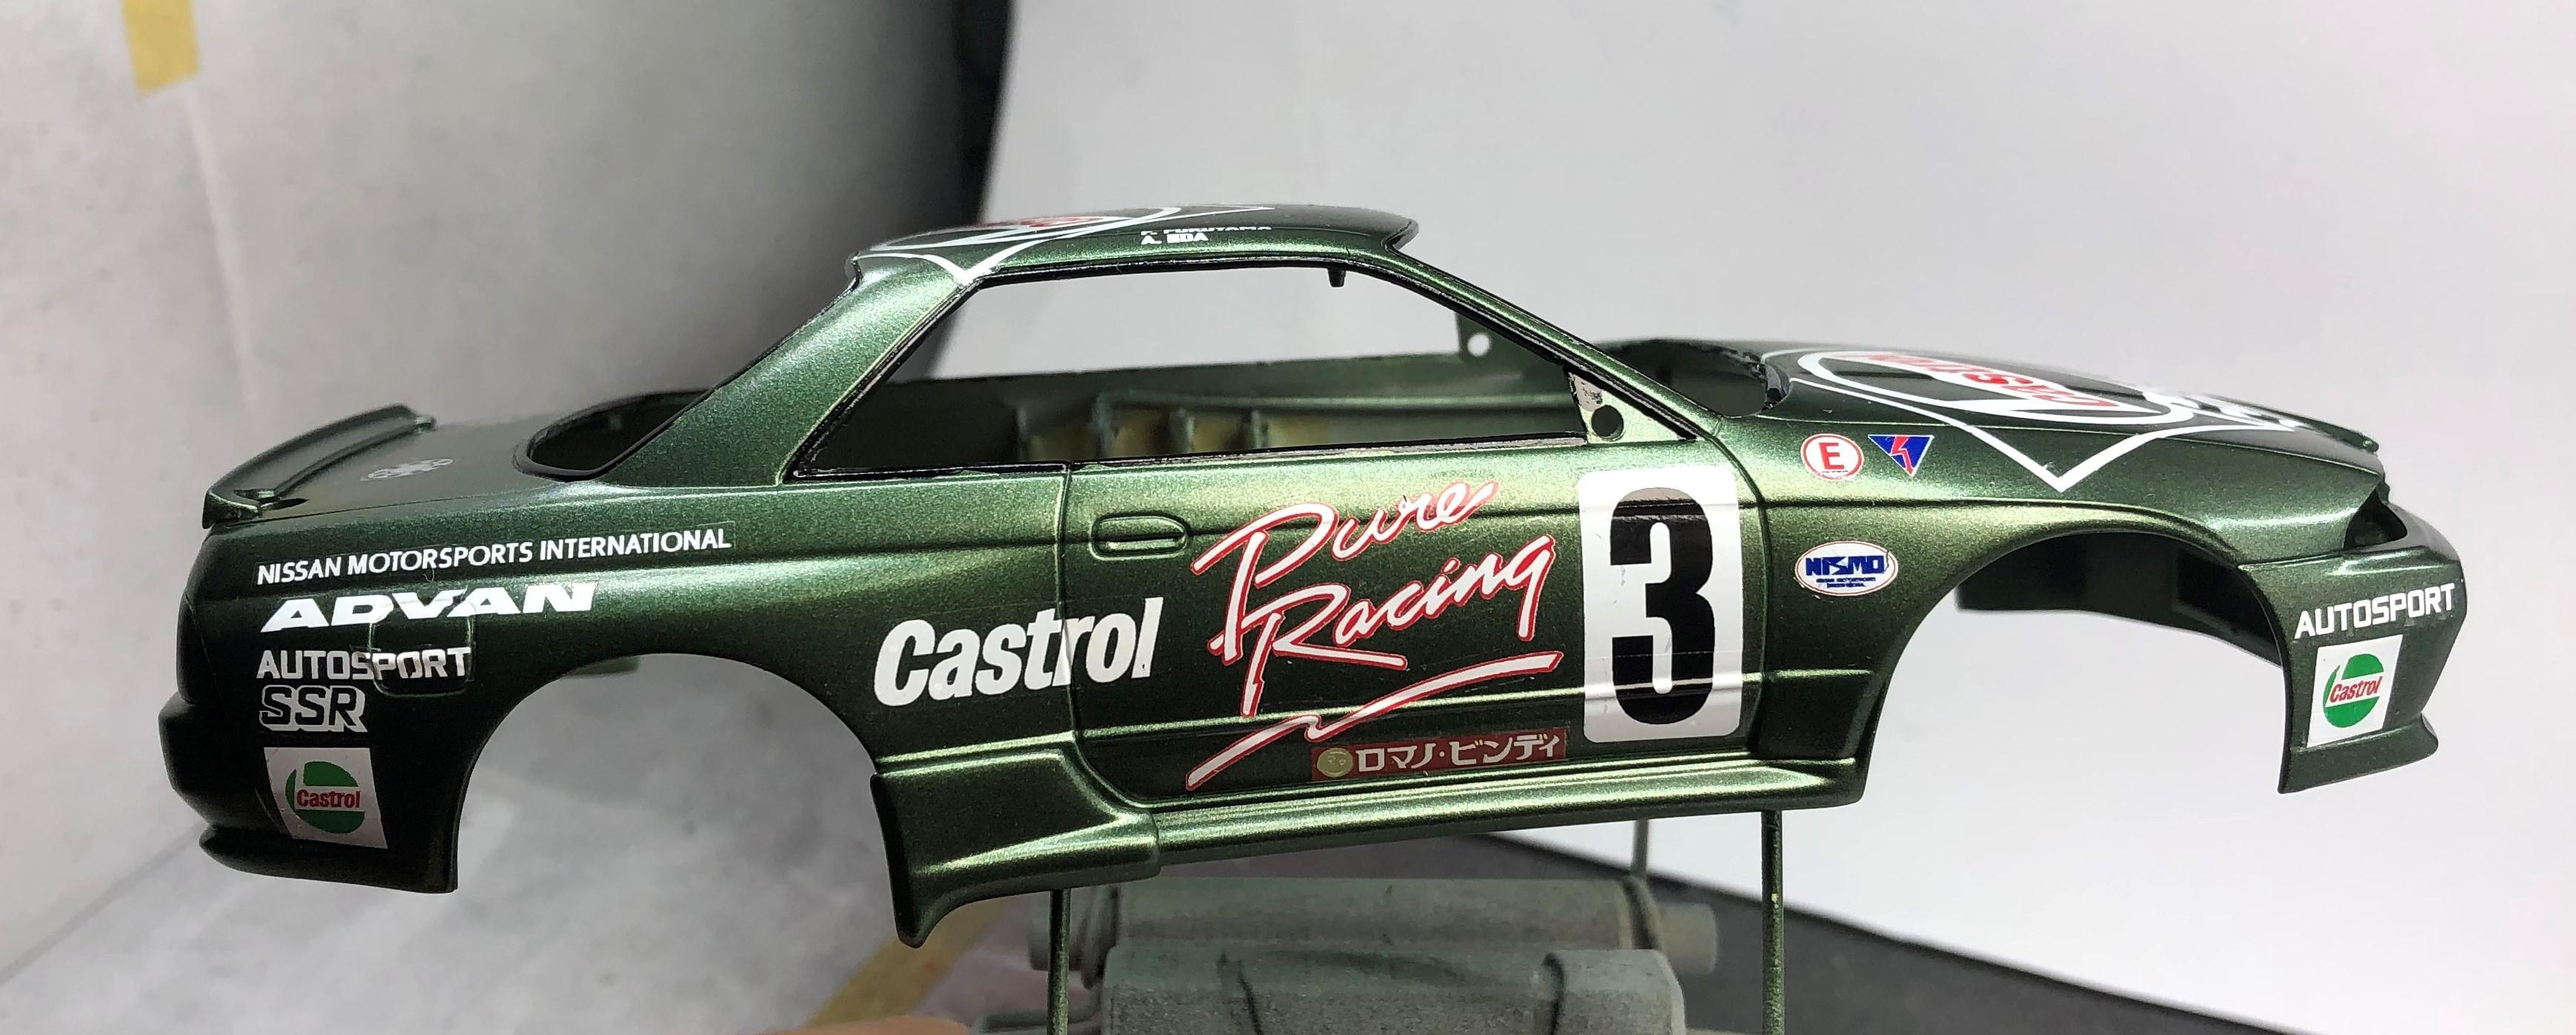 Nissan R32 #3 Castrol JTCC Img-1632155854-17